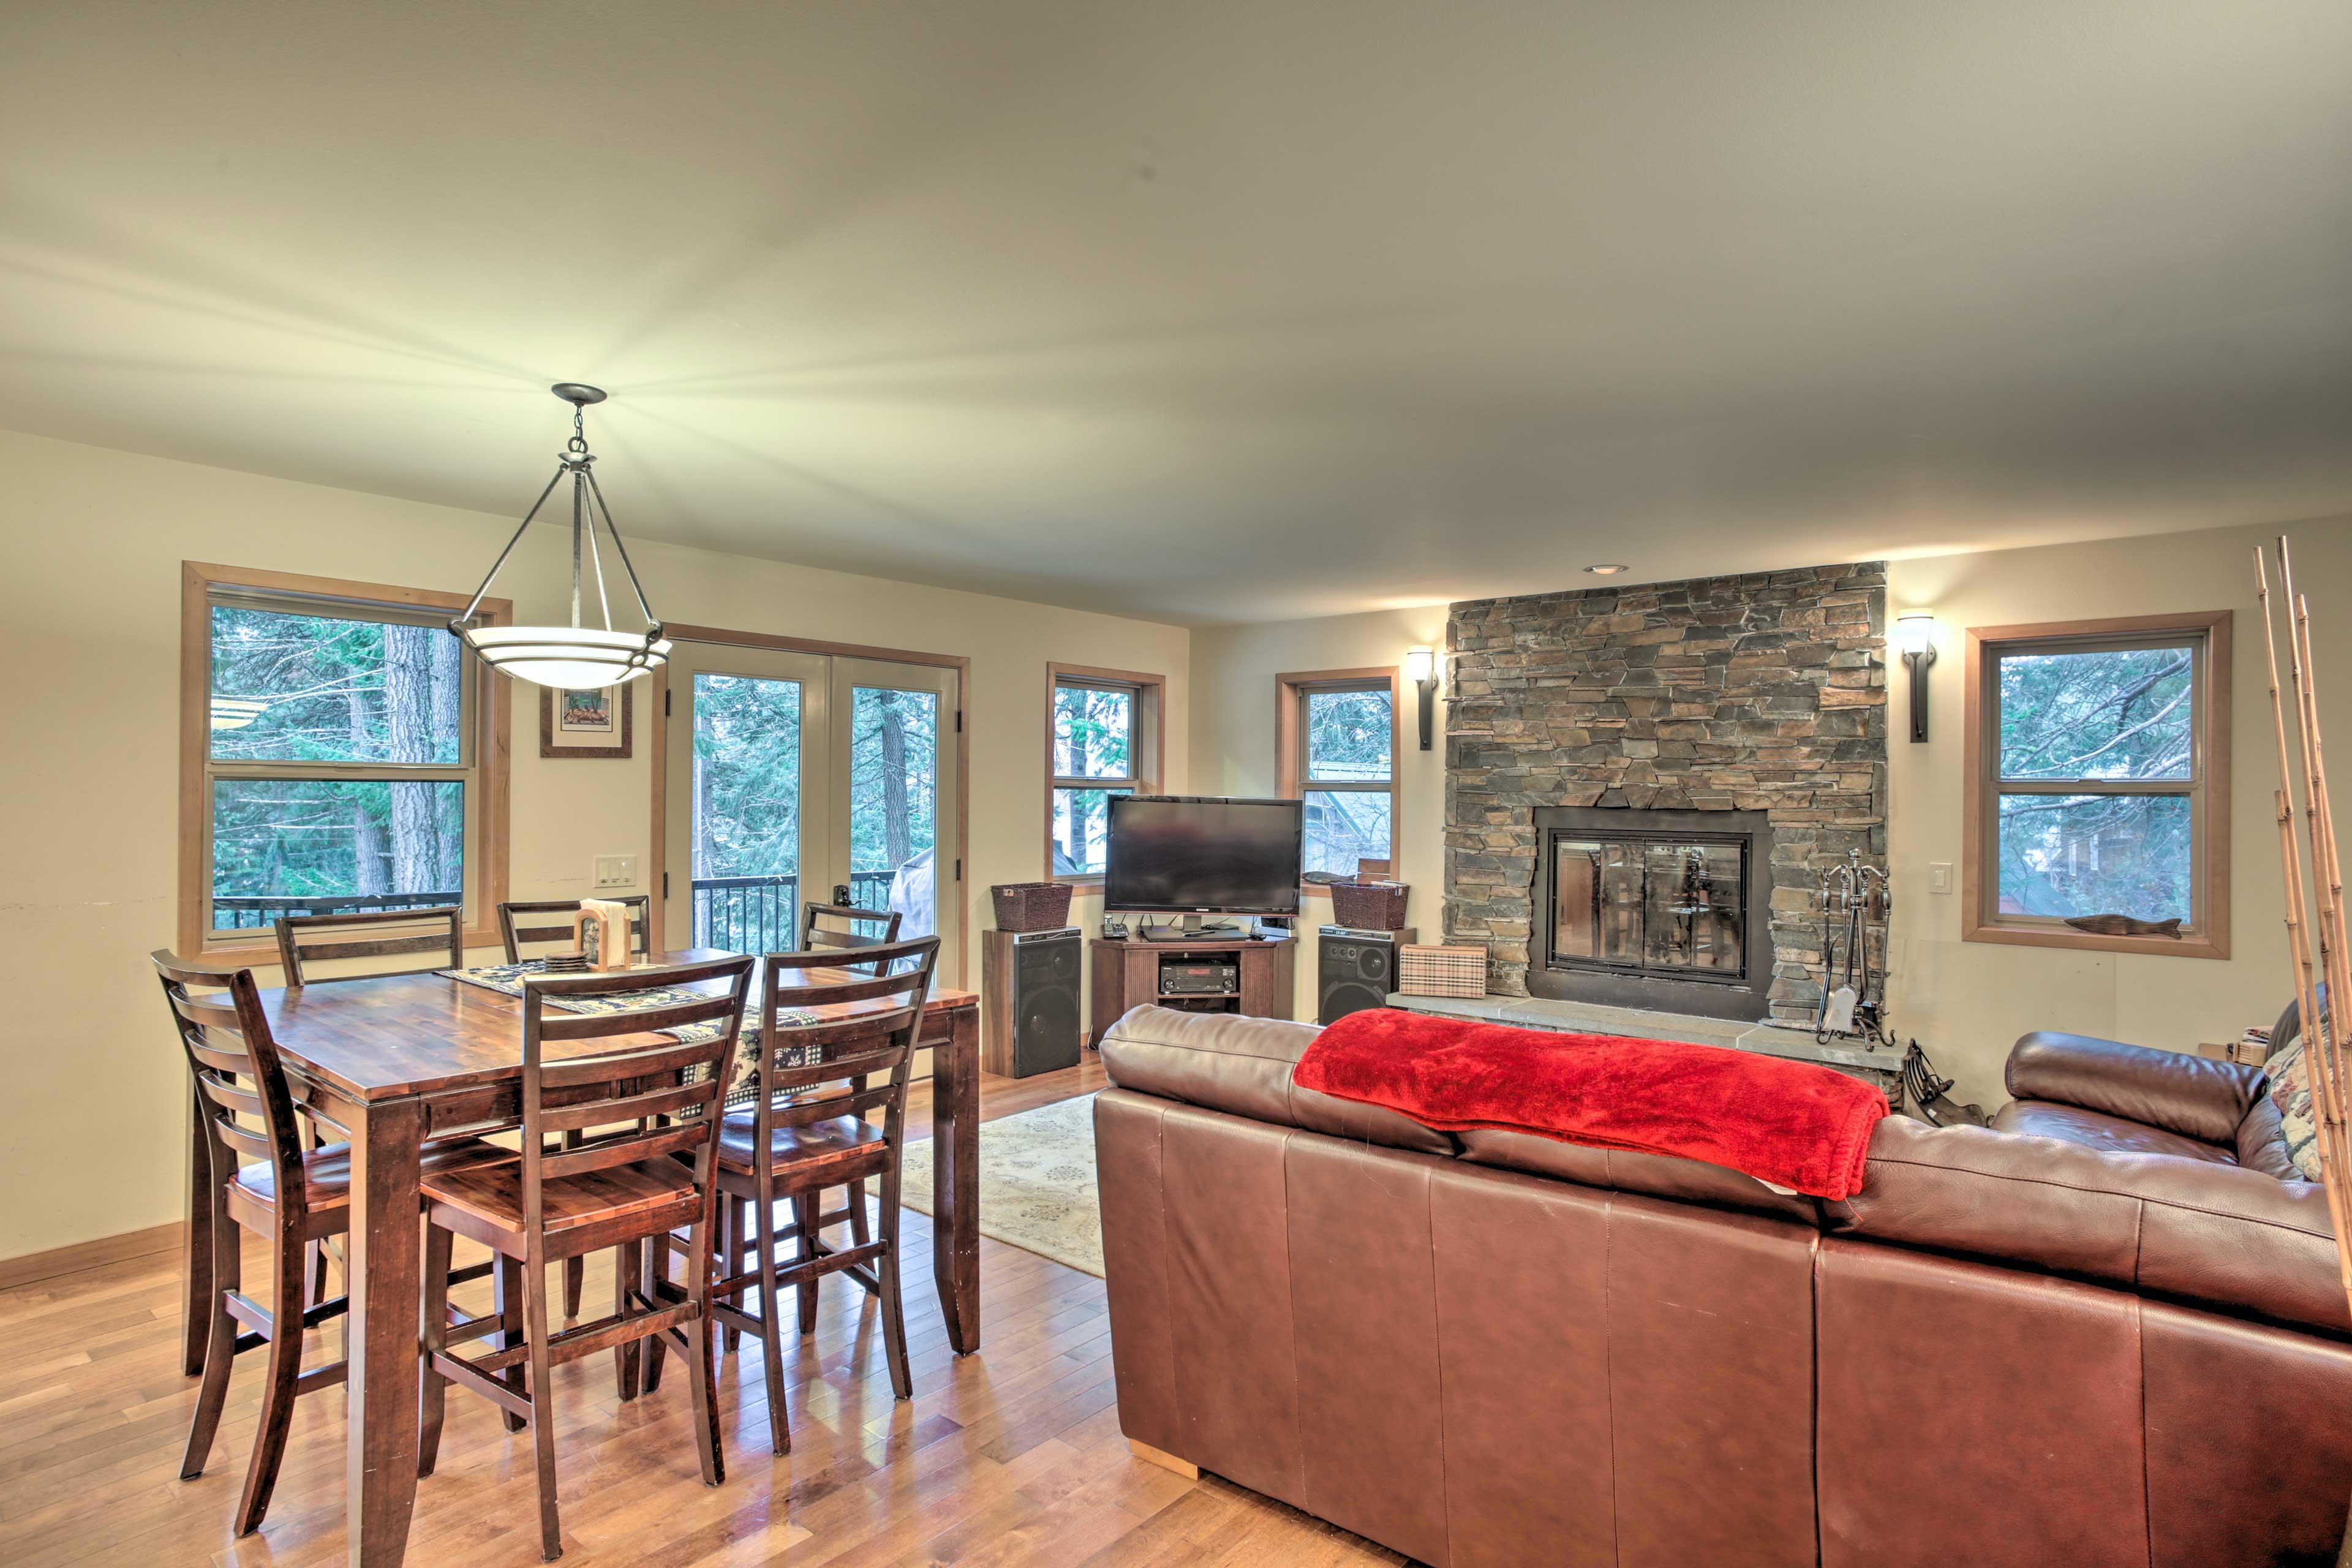 Unwind in this 3-bedroom, 3-bathroom vacation rental home in Leavenworth.